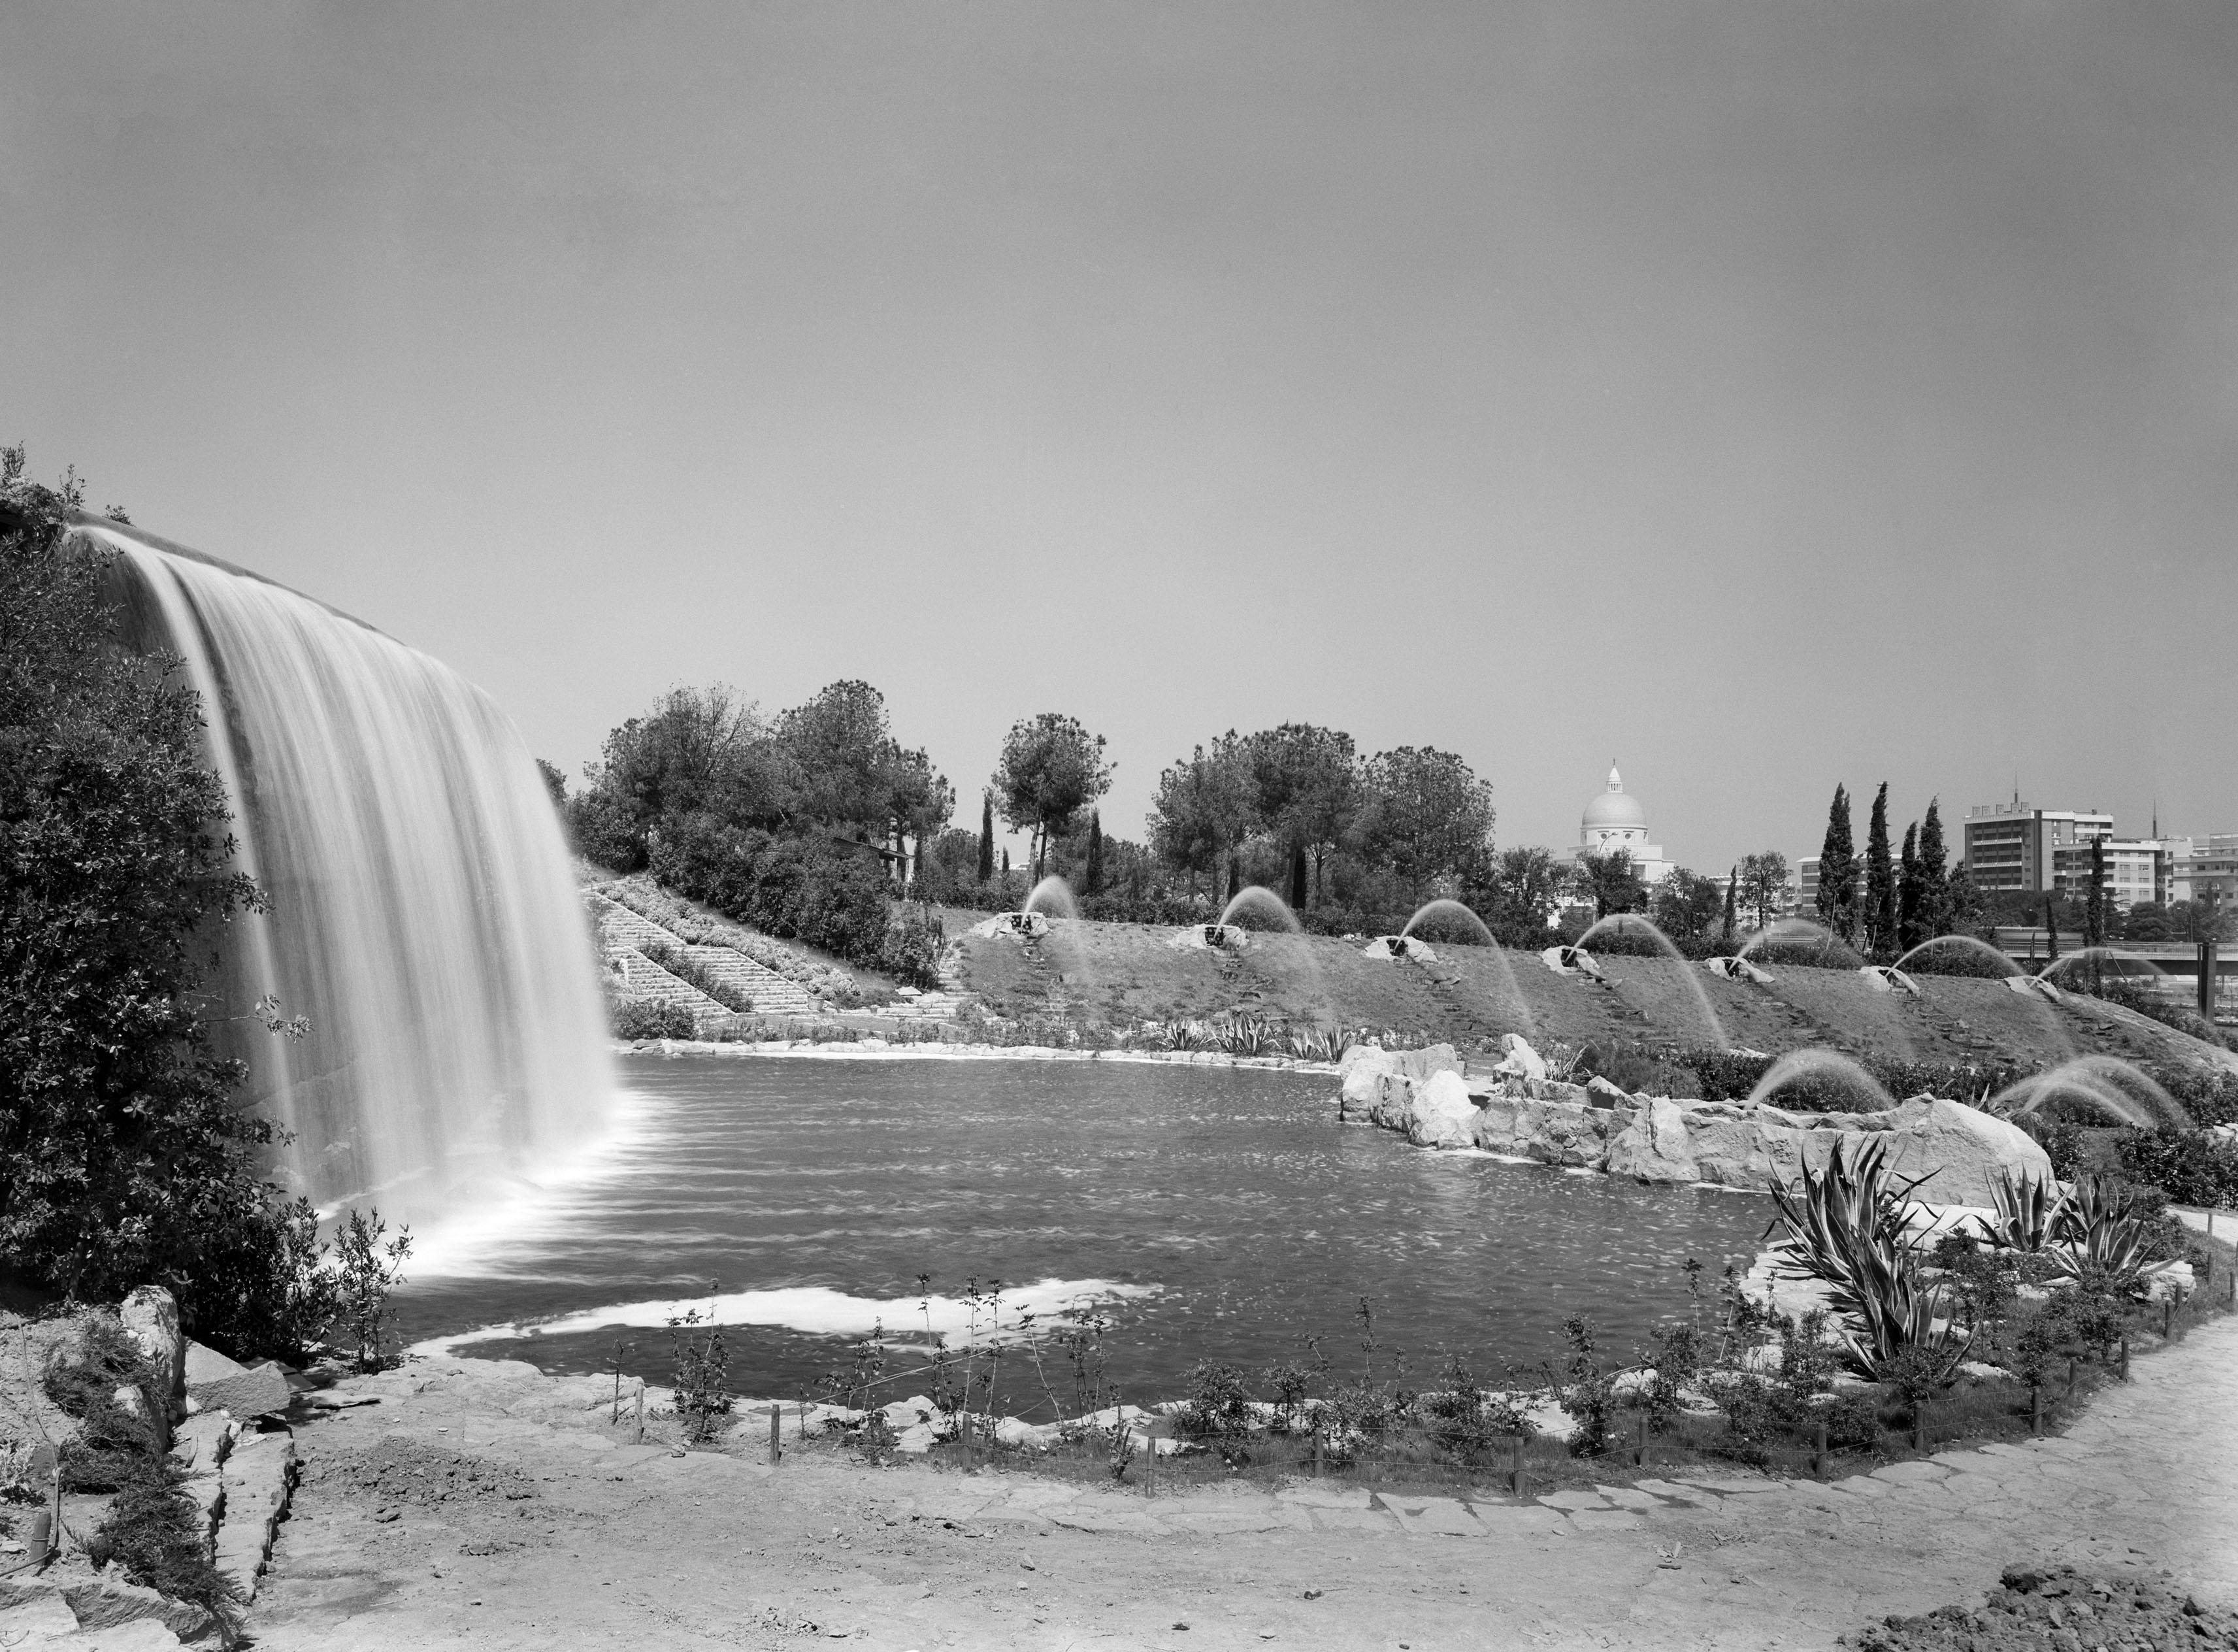 Apertura del giardino delle cascate eur s p a - Cascate per giardino ...